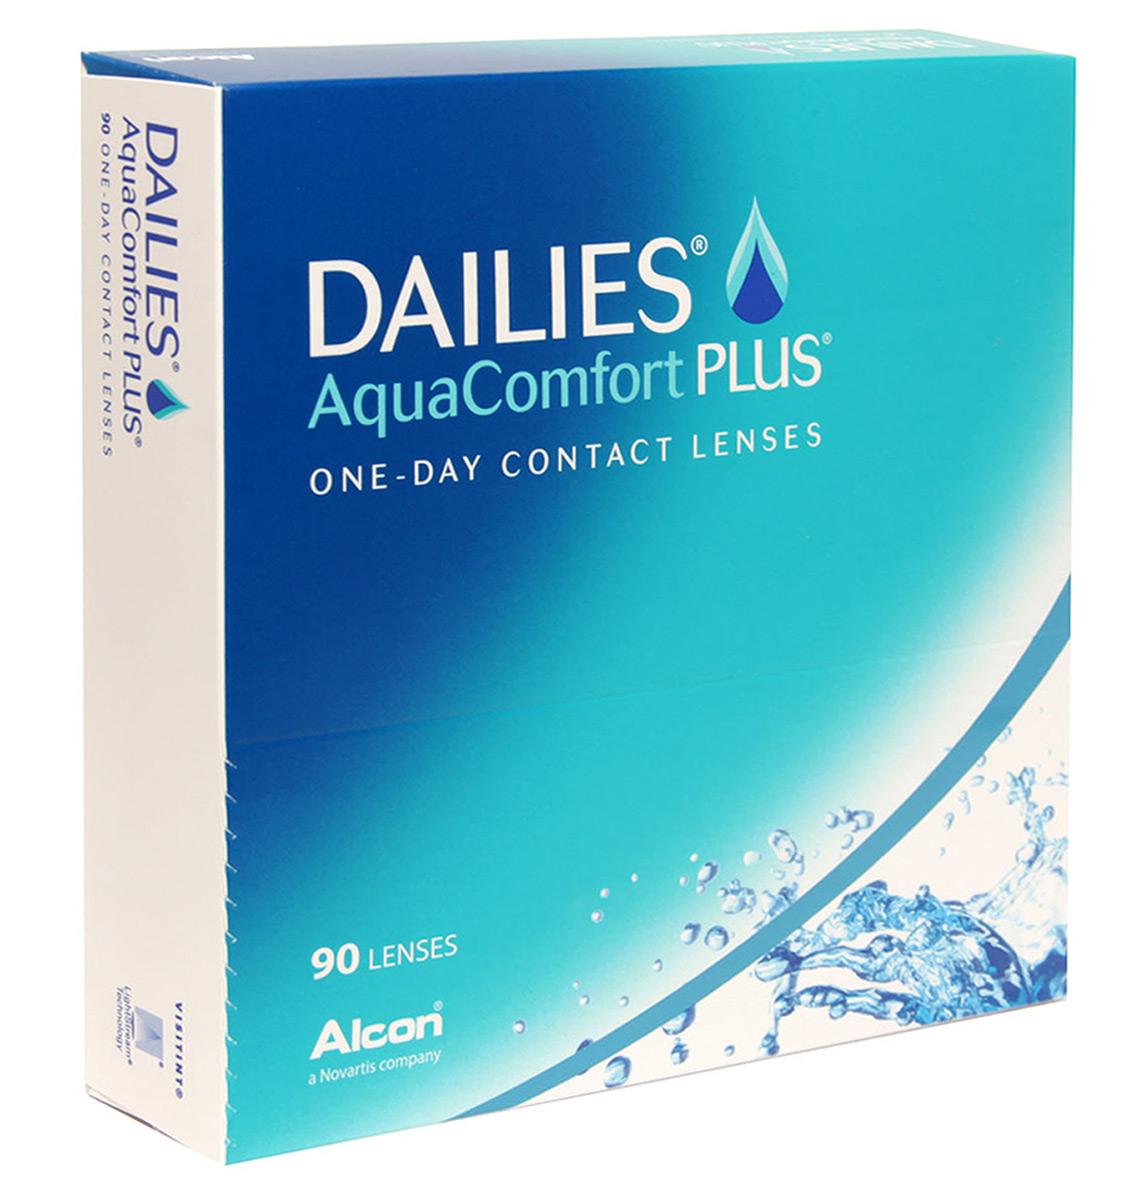 Alcon-CIBA Vision контактные линзы Dailies AquaComfort Plus (90шт / 8.7 / 14.0 / +4.50)38359Dailies Aqua Comfort Plus (90 блистеров) – это одни из самых популярных однодневных линз производства компании CIBA VISION. Эти линзы пользуются огромной популярностью во всем мире и являются на сегодняшний день самыми безопасными контактными линзами. Изготавливаются линзы из современного, 100% безопасного материала нелфилкон А. Особенность этого материала в том, что он легко пропускает воздух и хорошо сохраняет влагу. Однодневные контактные линзы Dailies Aqua Comfort Plus не нуждаются в дополнительном уходе и затратах, каждый день вы надеваете свежую пару линз. Дизайн линзы биосовместимый, что гарантирует безупречный комфорт. Самое главное достоинство Dailies Aqua Comfort Plus – это их уникальная система увлажнения. Благодаря этой разработке линзы увлажняются тремя различными агентами. Первый компонент, ухаживающий за линзами, находится в растворе, он как бы обволакивает линзу, обеспечивая чрезвычайно комфортное надевание. Второй агент выделяется на протяжении всего дня, он...